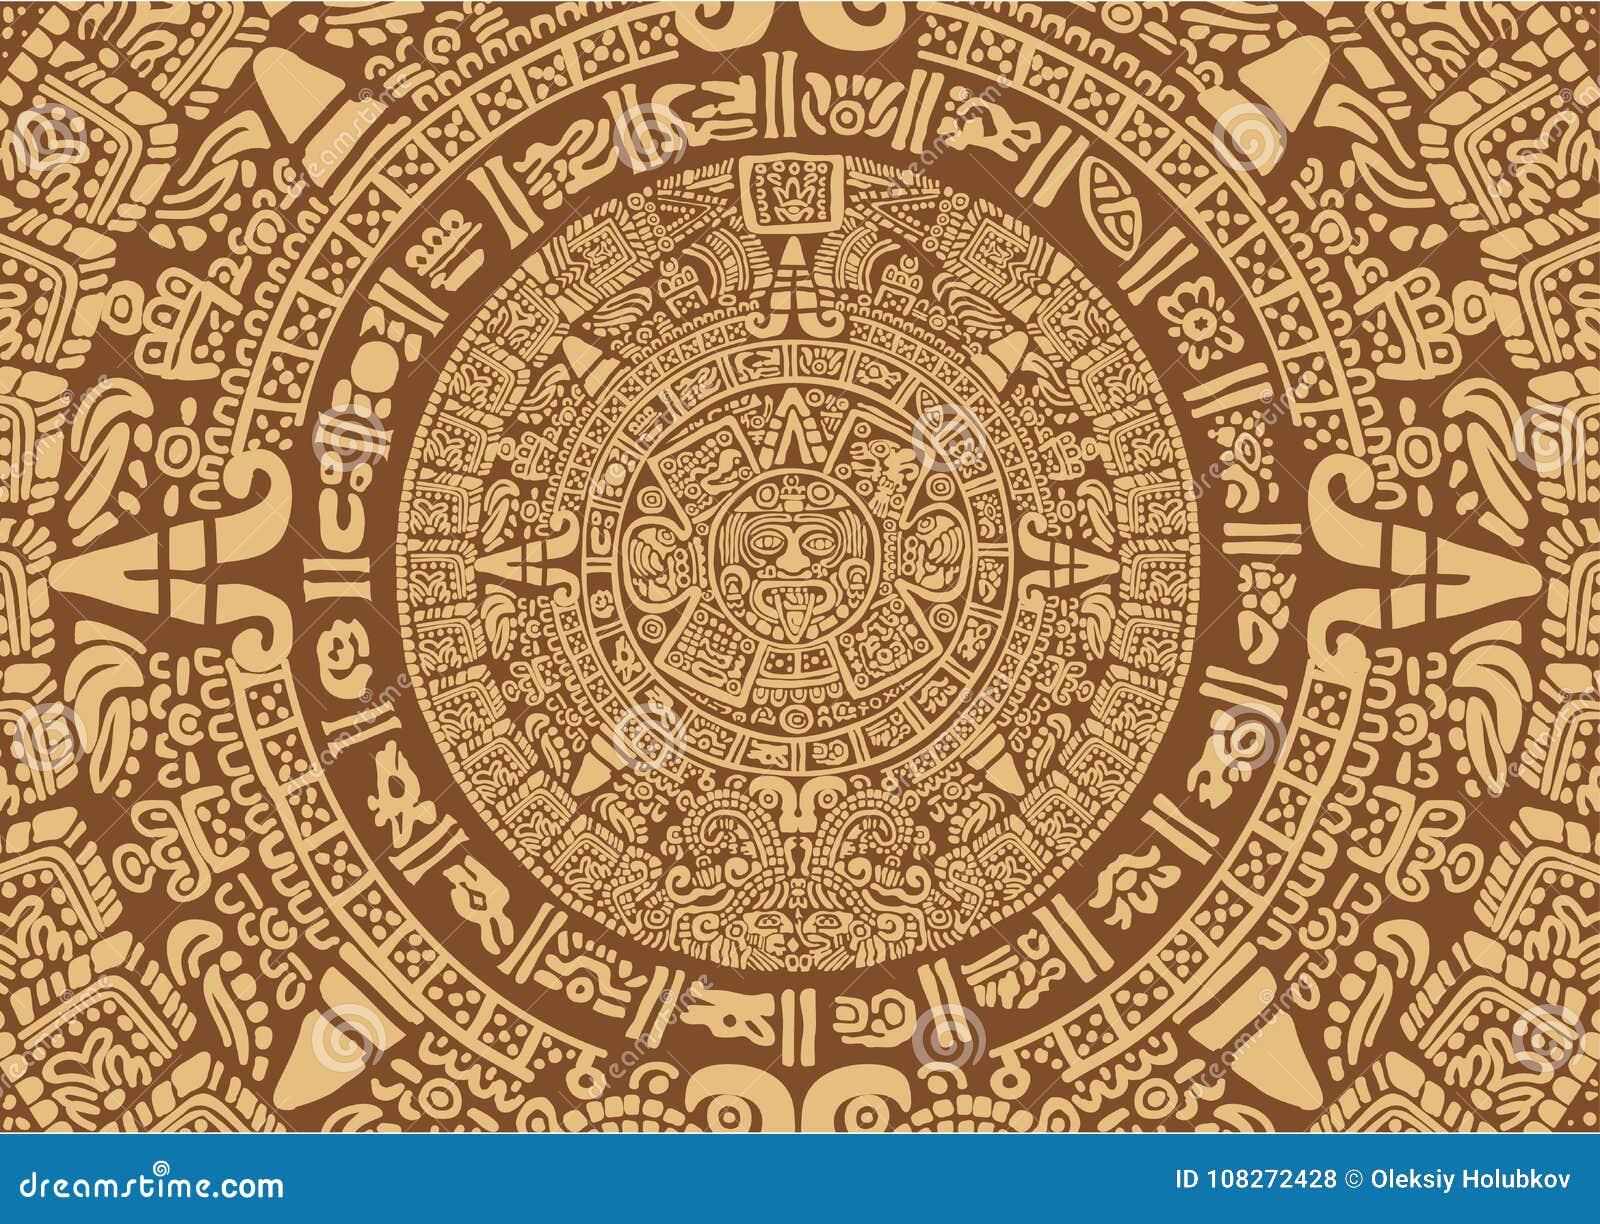 Calendario Dei Maya.Calendario Mayan Antico Illustrazione Vettoriale